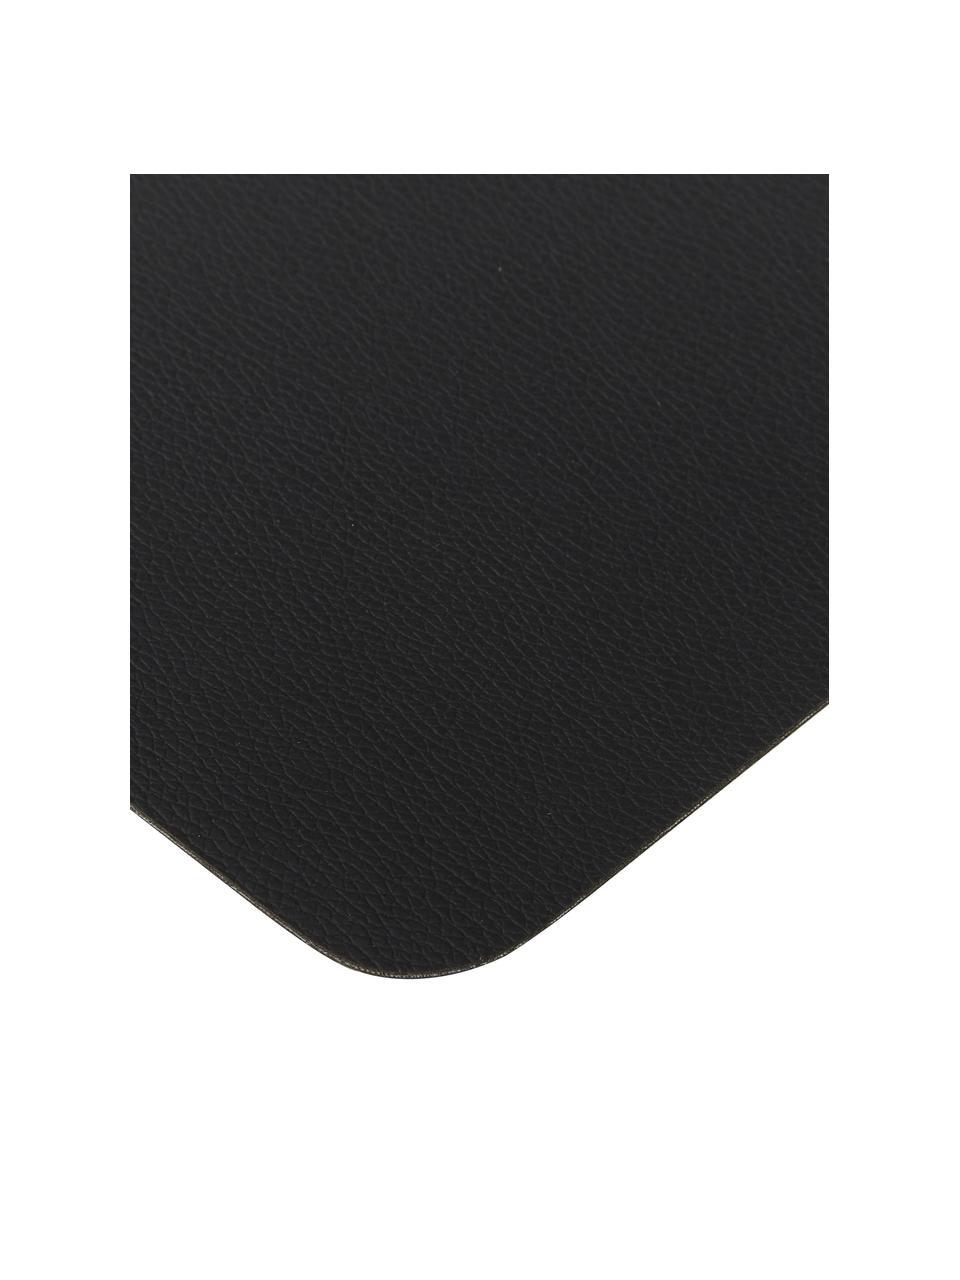 Tovaglietta americana in similpelle Pik 2 pz, Materiale sintetico (PVC), Nero, Larg. 33 x Lung. 46 cm